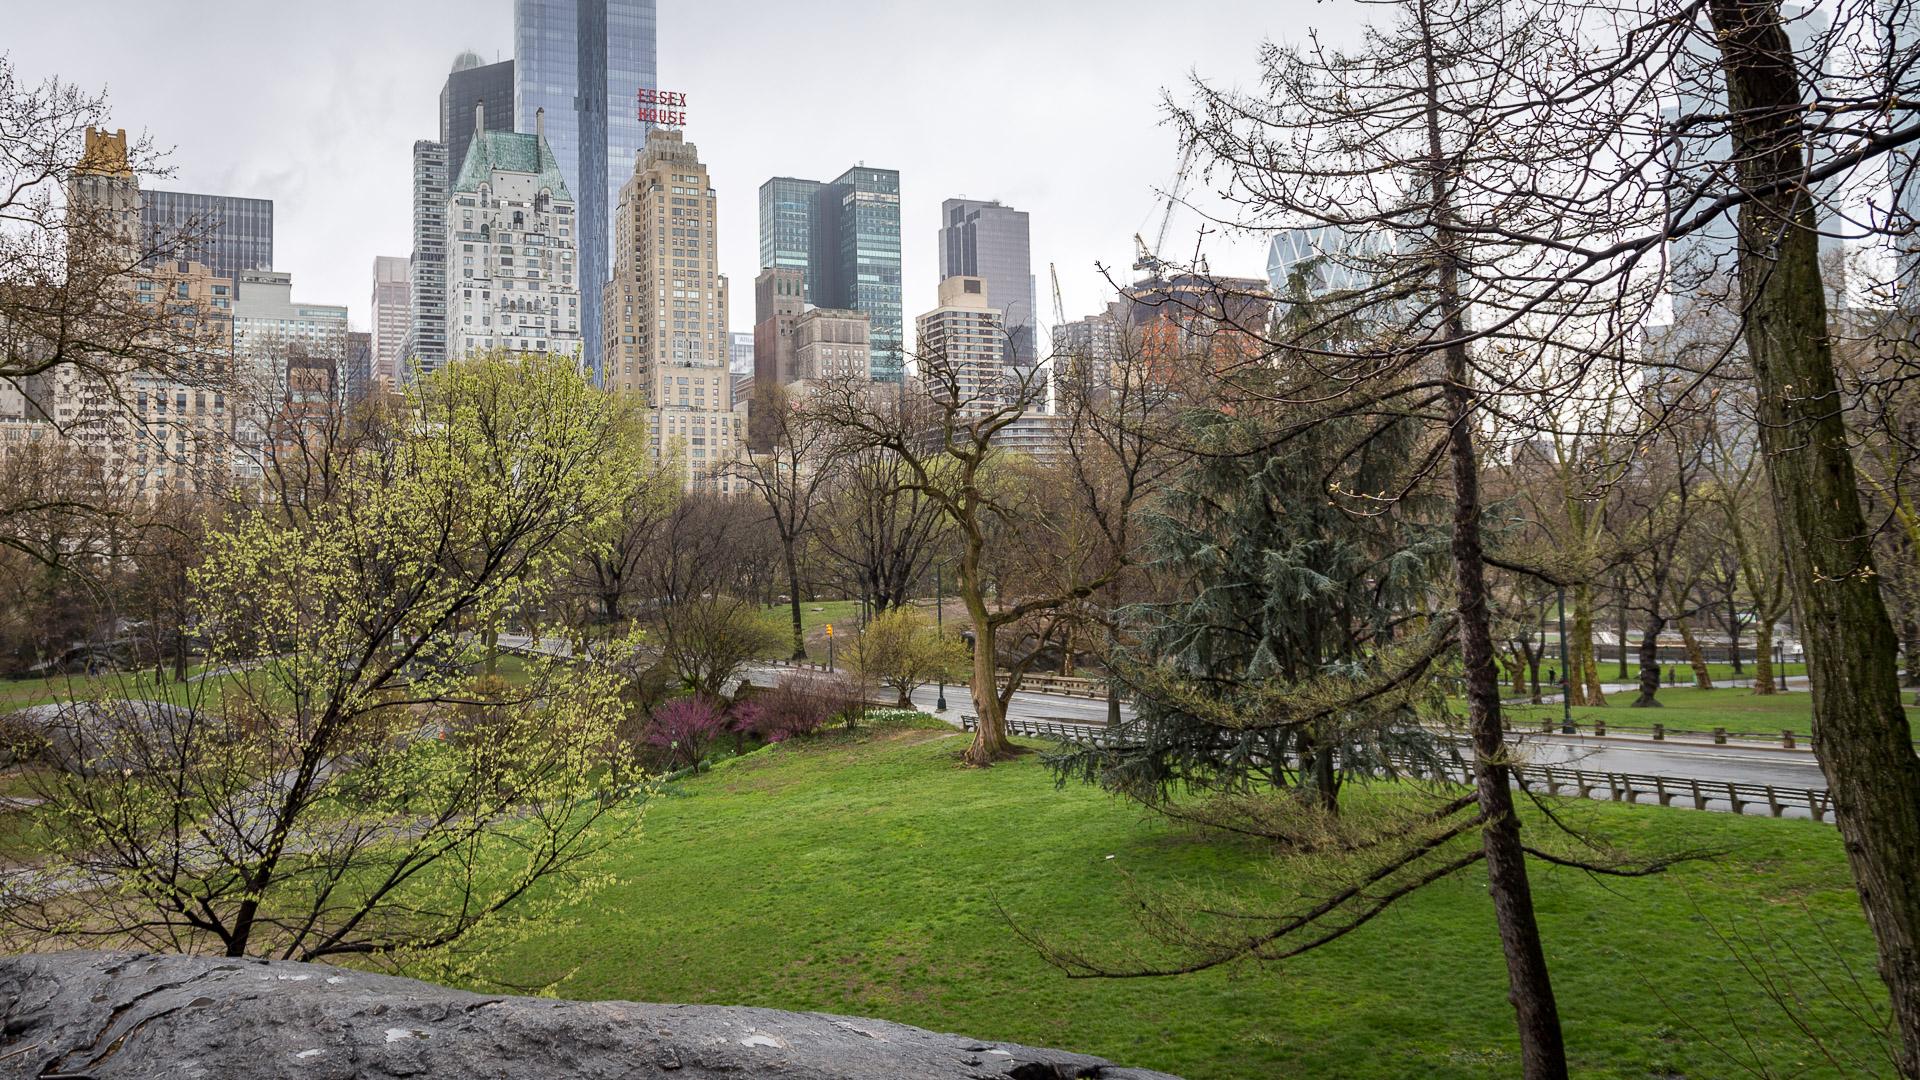 Blick auf die Häuserfront vom Central Park im Süden